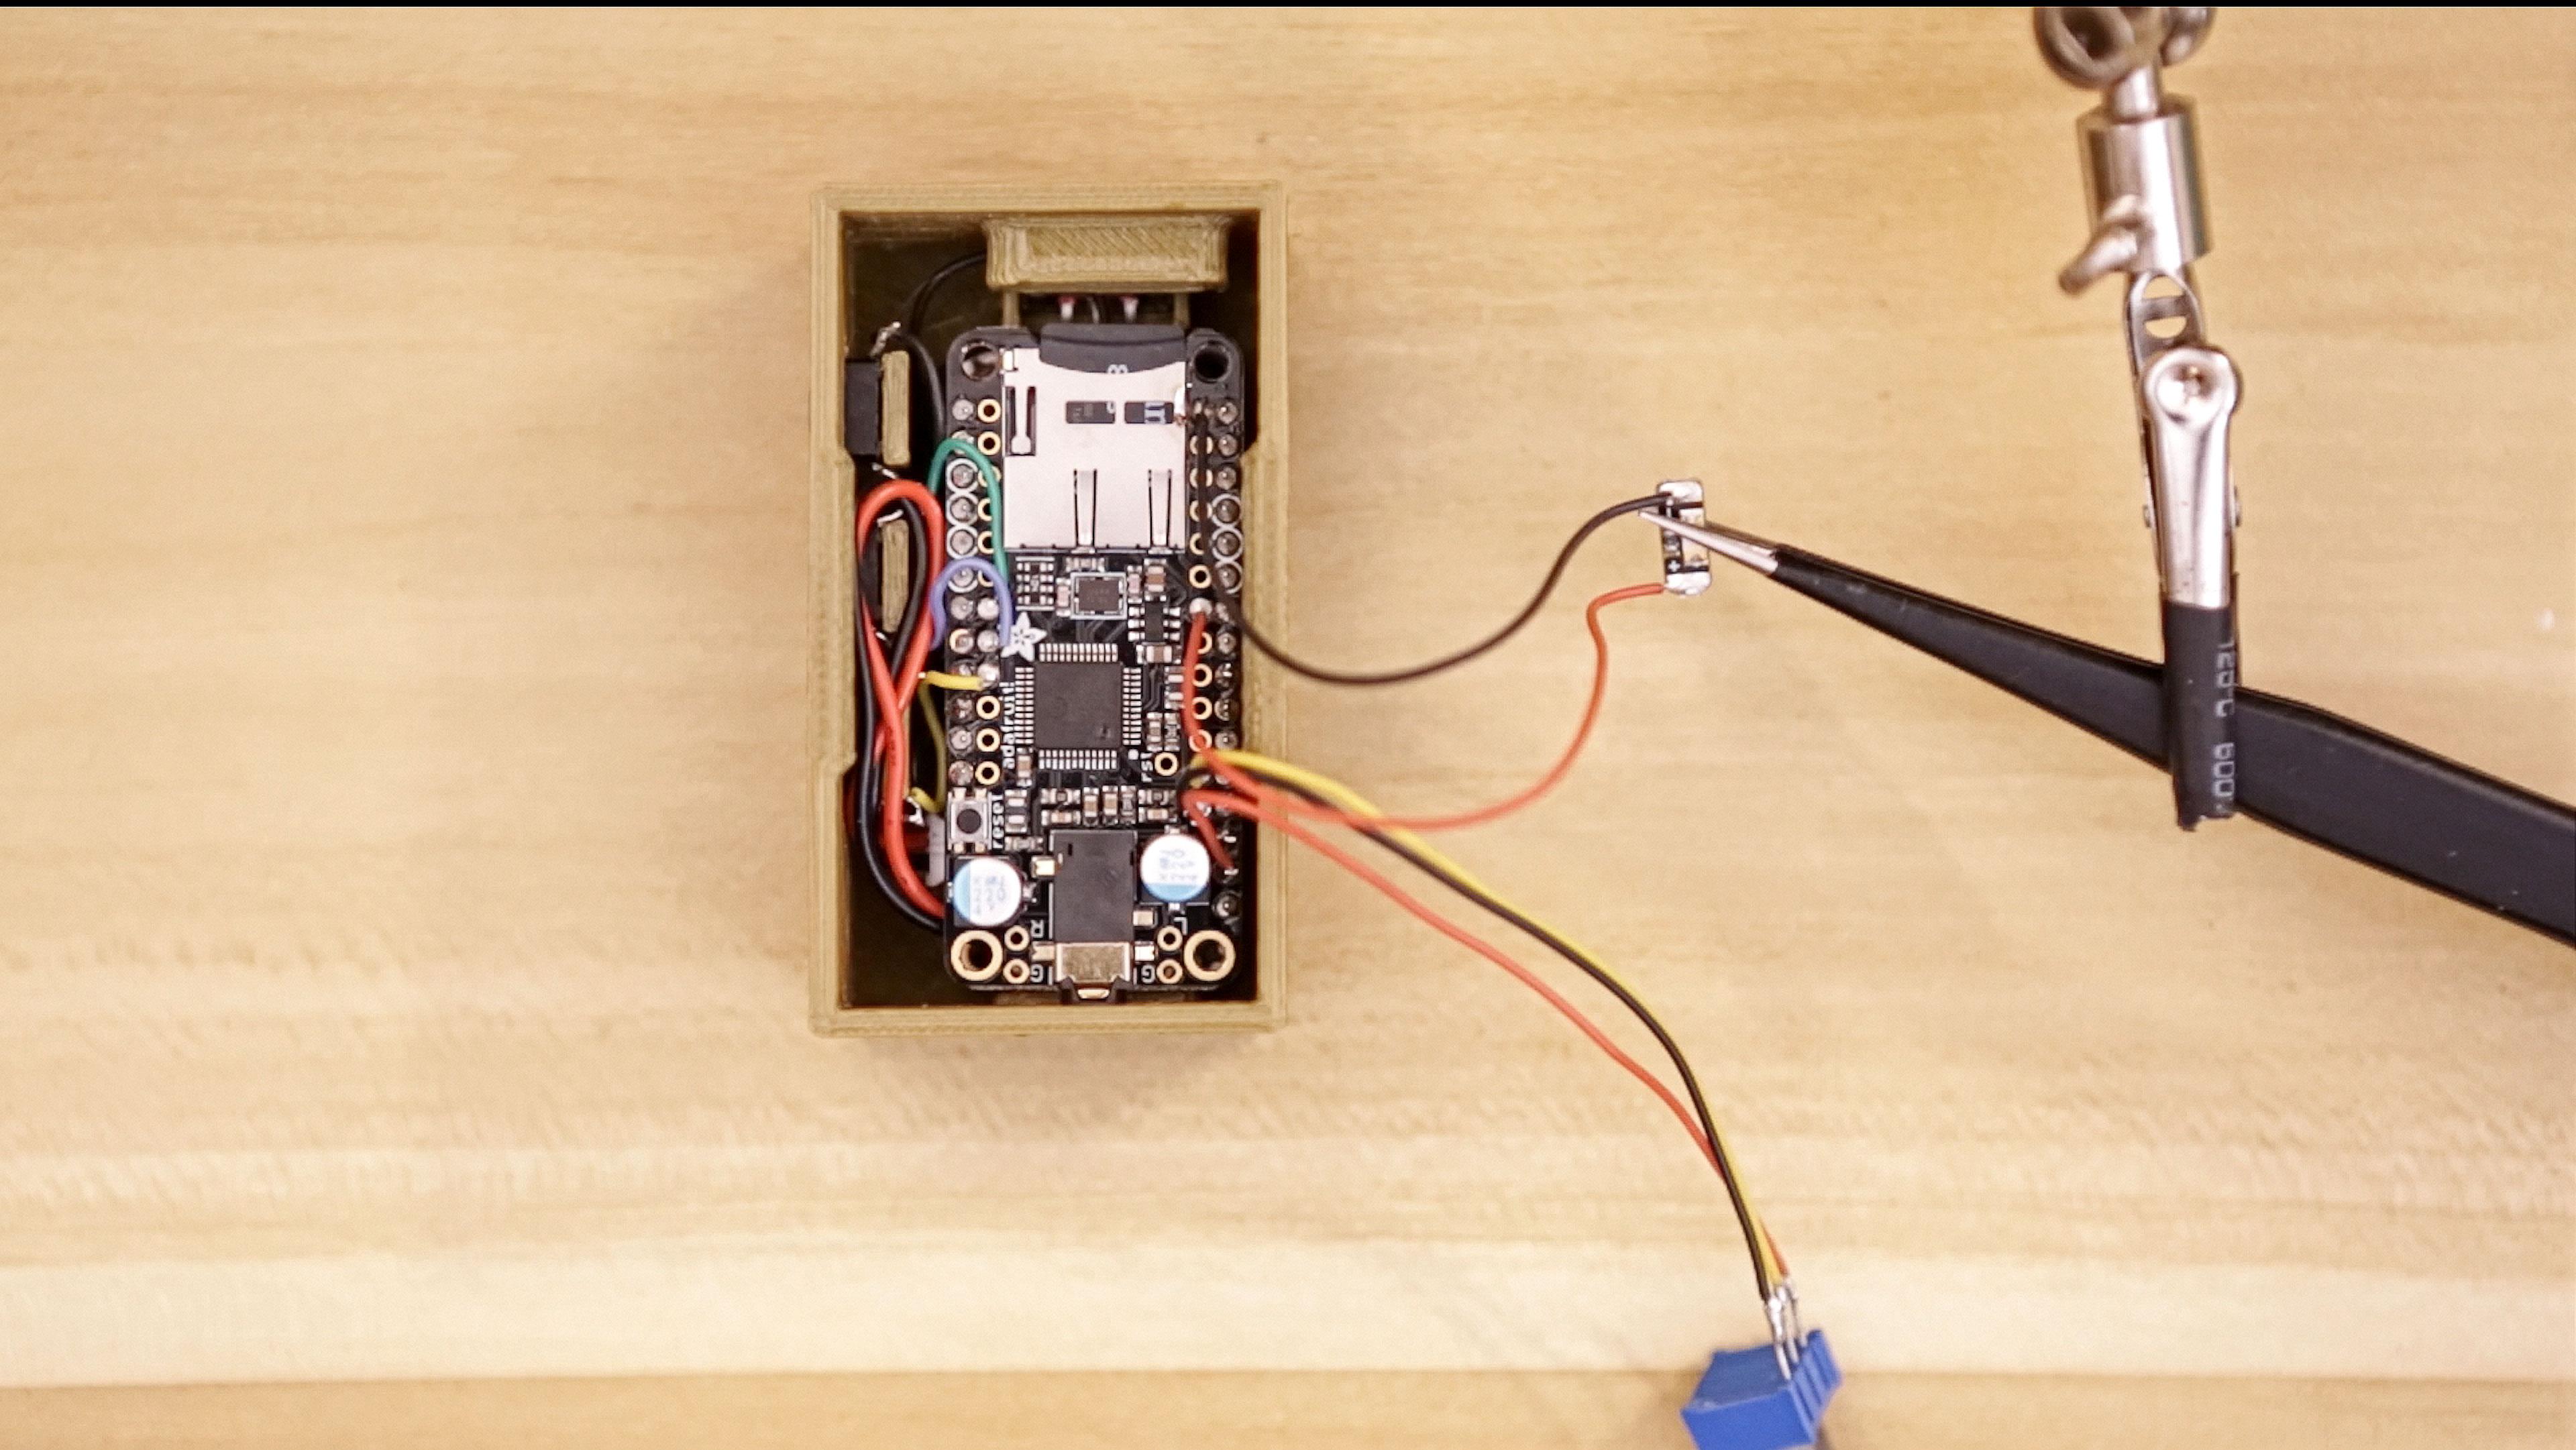 3d_printing_led-solder-solder-board.jpg